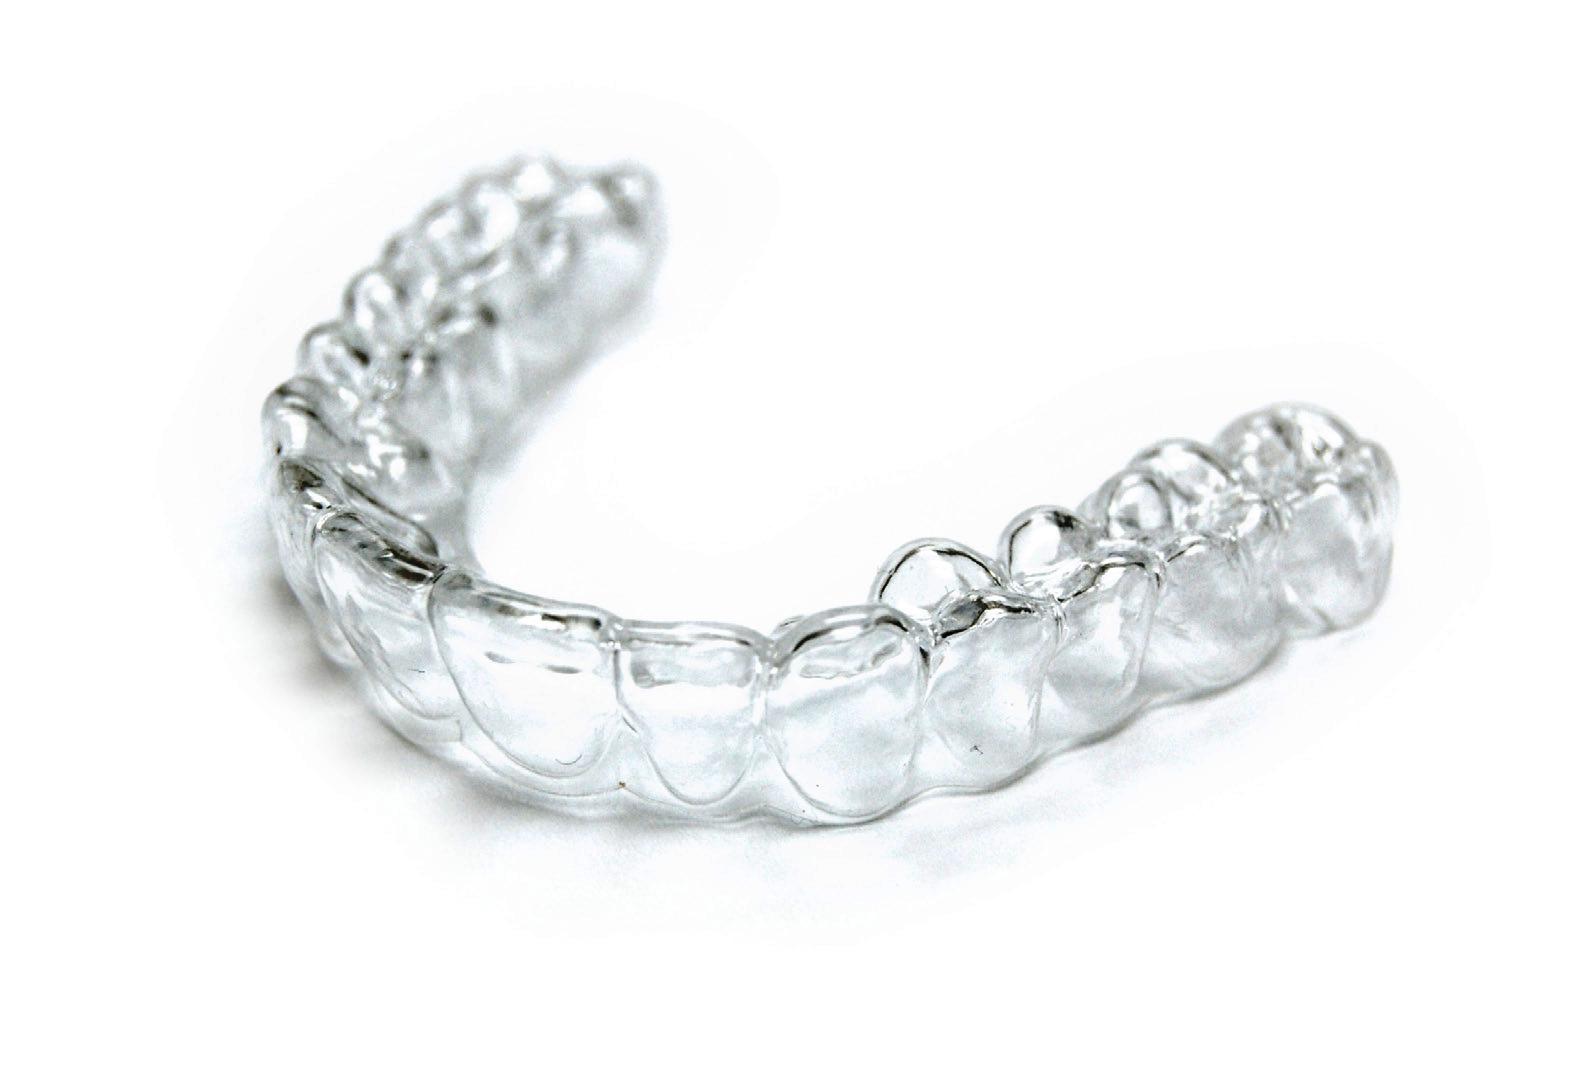 Clear Aligner - niewidoczny, przezroczysty aparat ortodontyczny